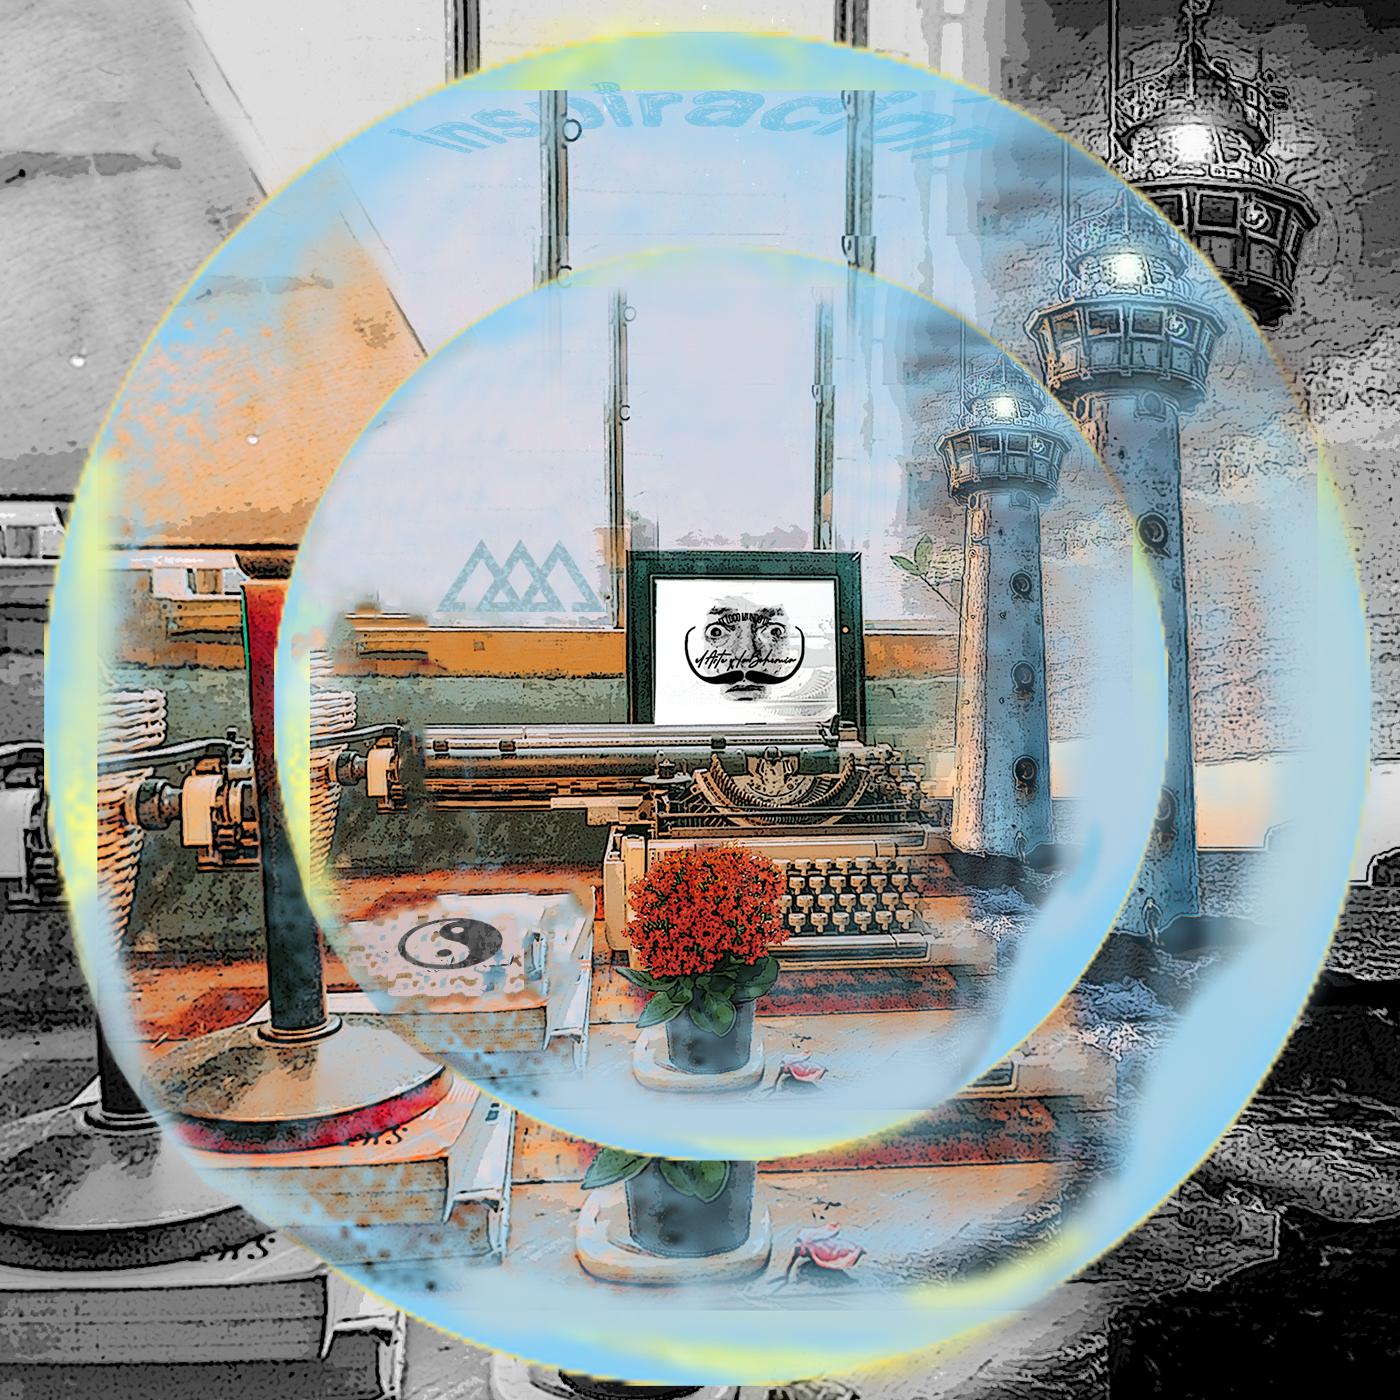 Collage burbuja yin y yan y triángulos pasado, presente, futuro. Loco Mundo Arte y Bohemia